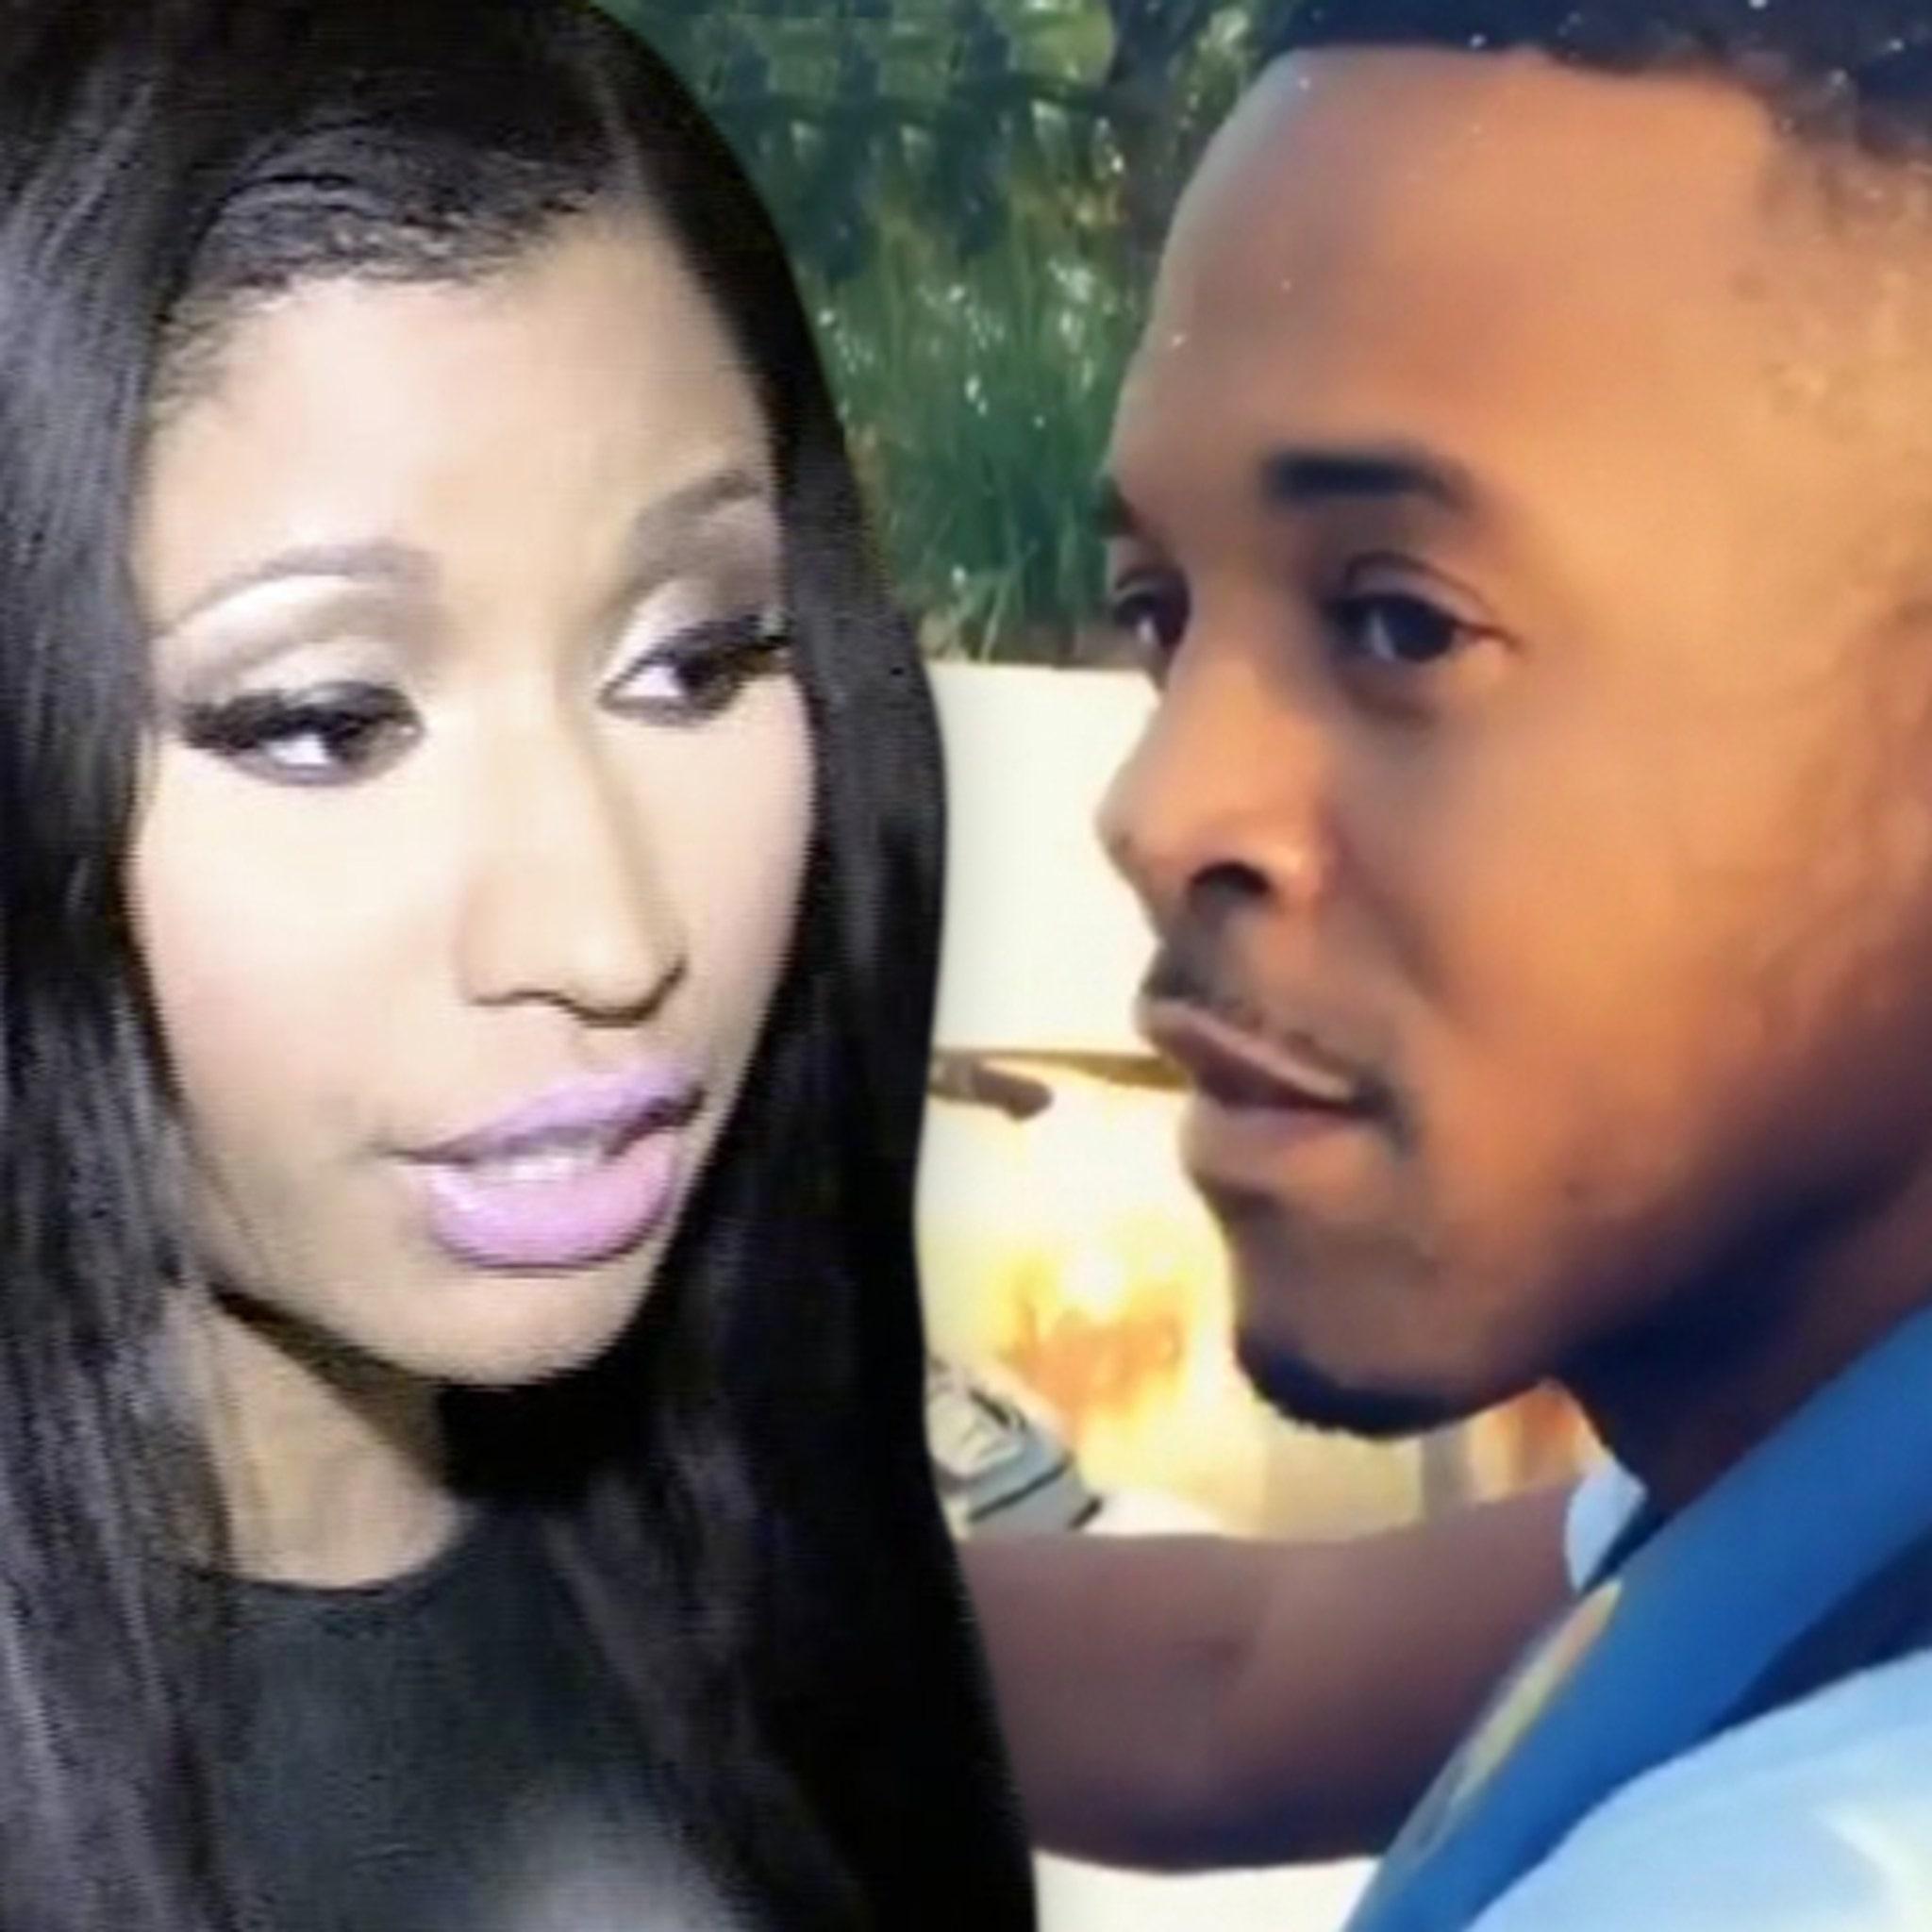 Nicki Minaj's New Boyfriend's Manslaughter Case Was Cold-Blooded